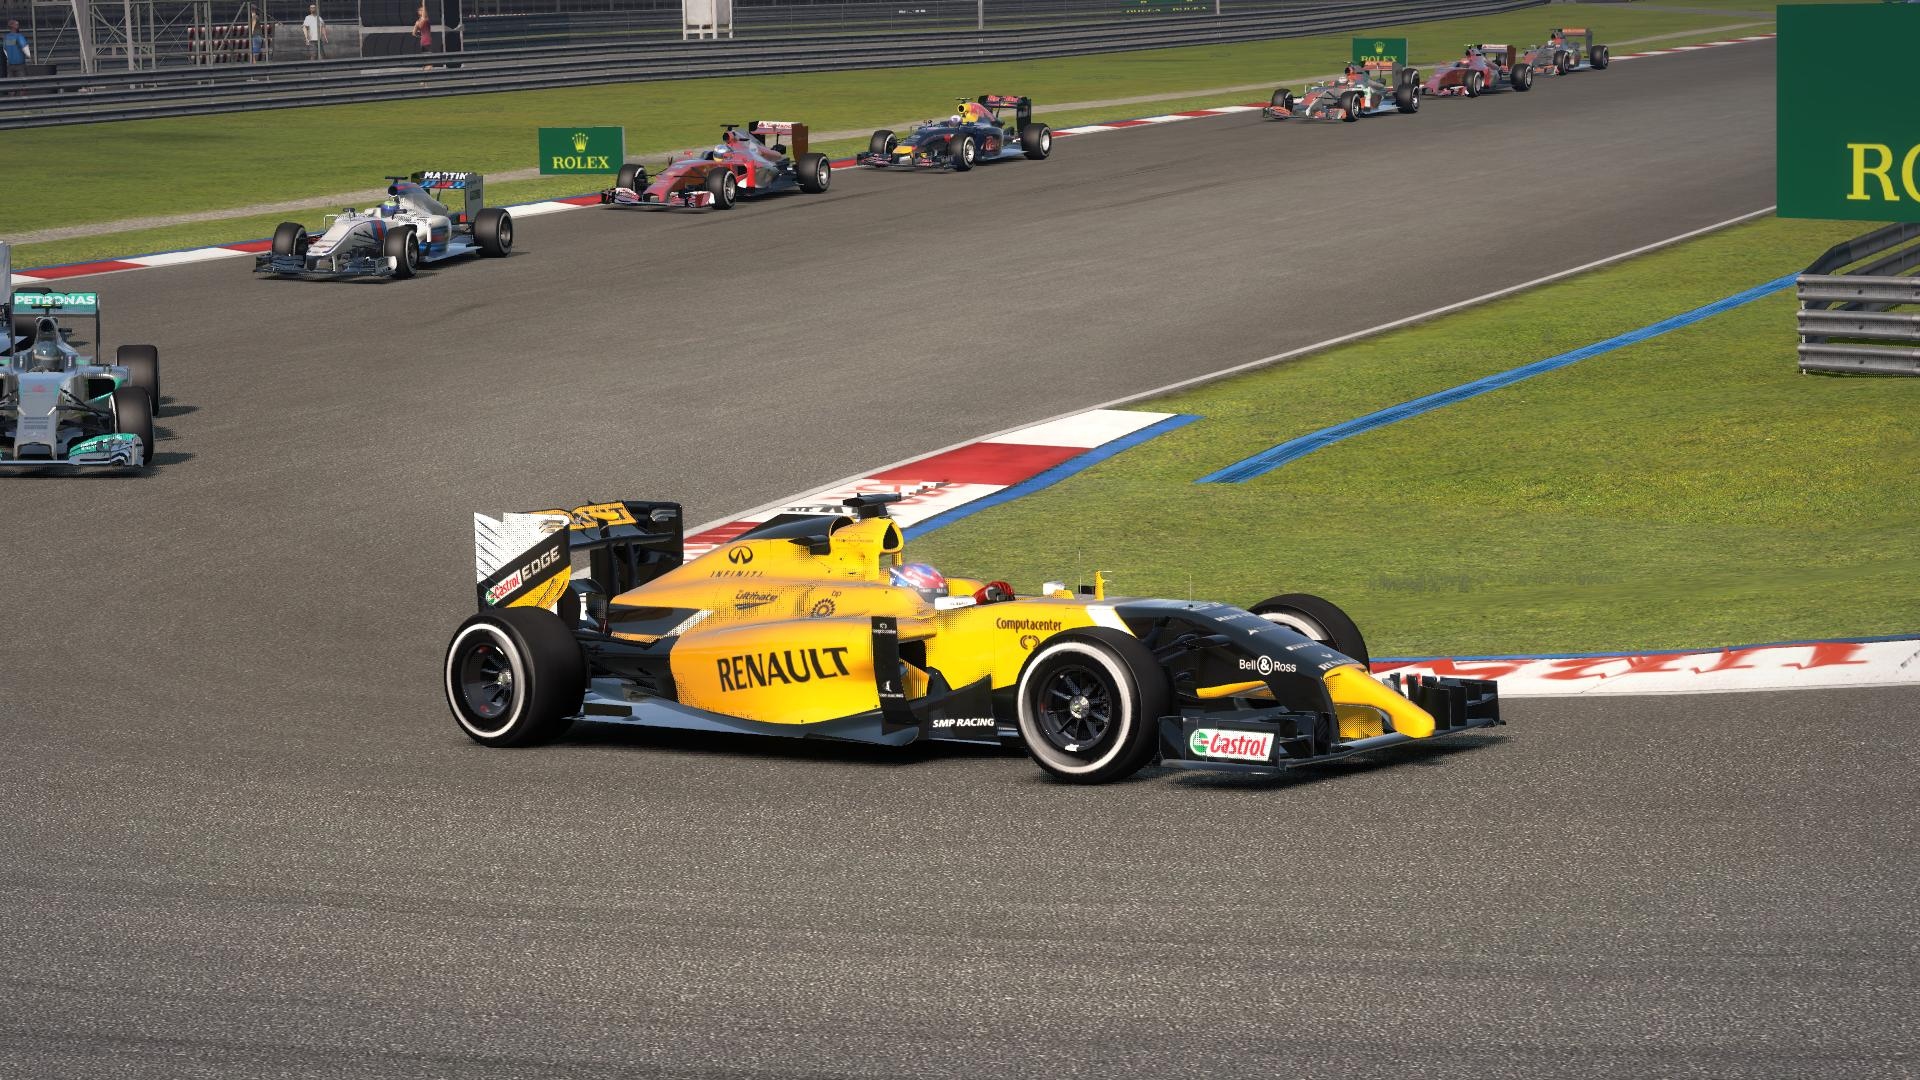 F1_2014 2017-05-13 22-25-18-05.jpg